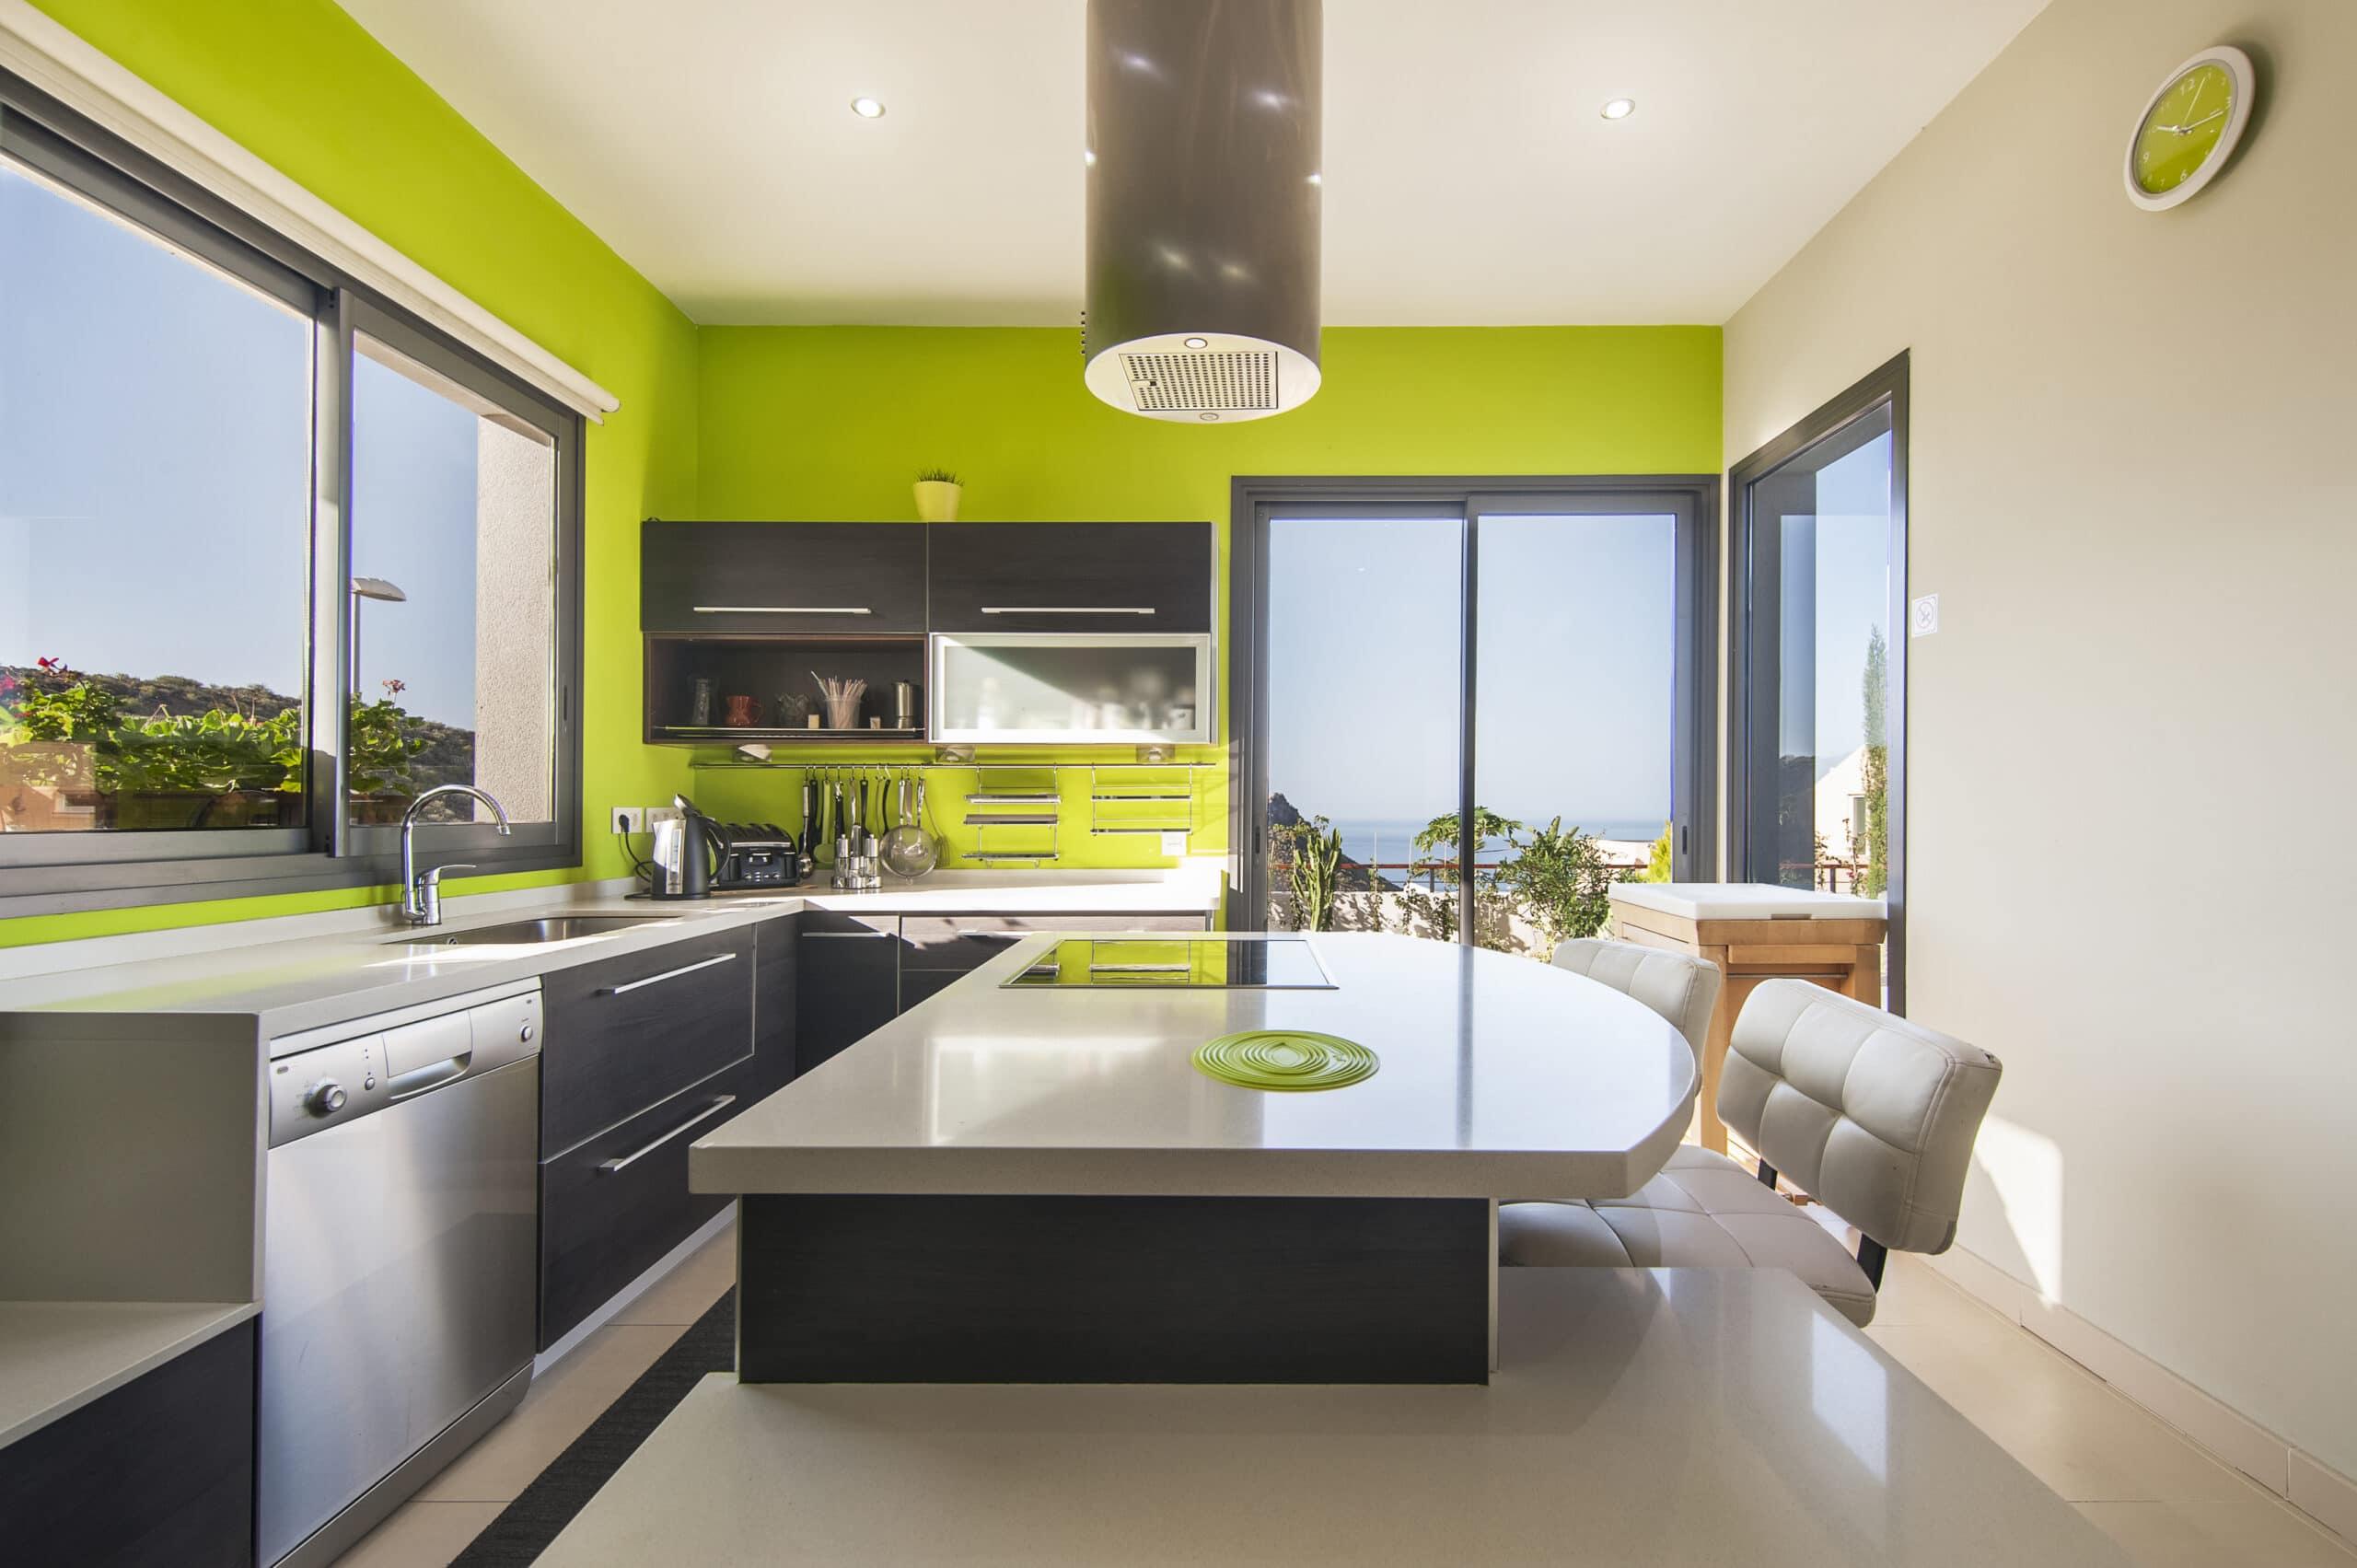 מטבחים מעץ מעצבי השיש במטבחים מבינים עם יכולות טכניות גבוהות באספקה ושירות ומומחים להקמת אי במטבח מכל חומר תוך כדי חיבור הכיריים החשמליים ובדיקת תקינותם